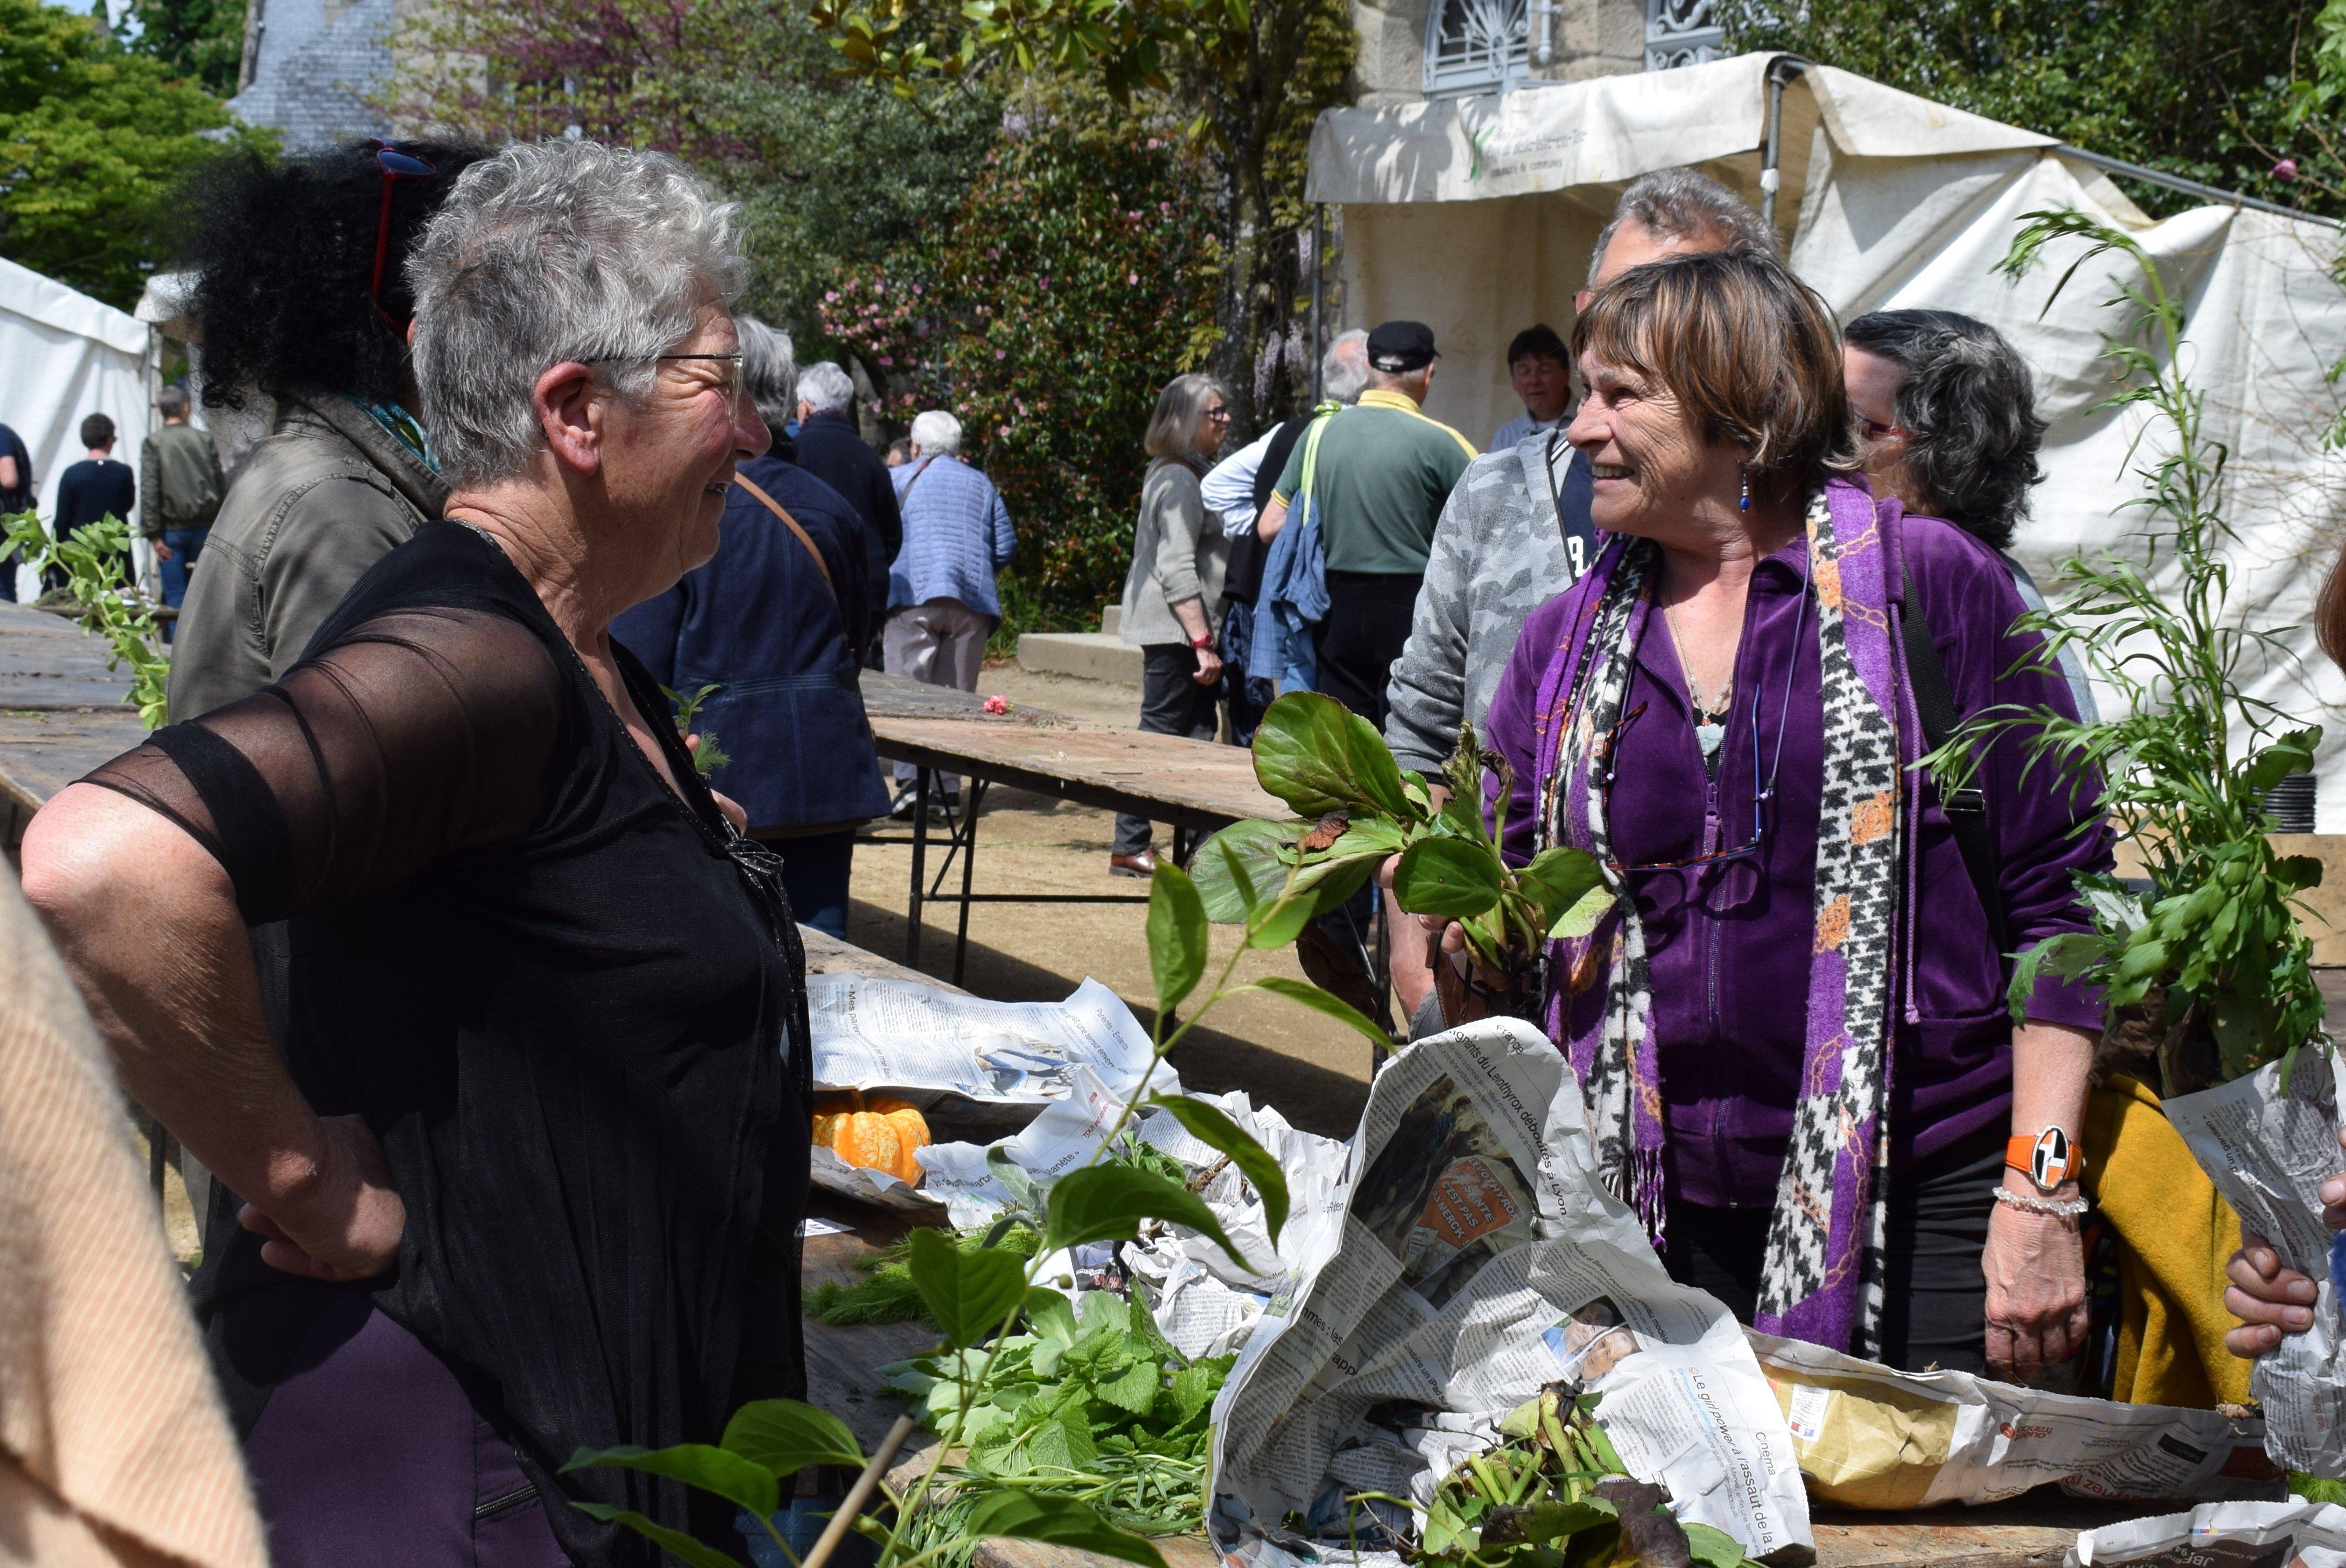 La Fête du jardinage de Belle-Isle-en-Terre est reportée